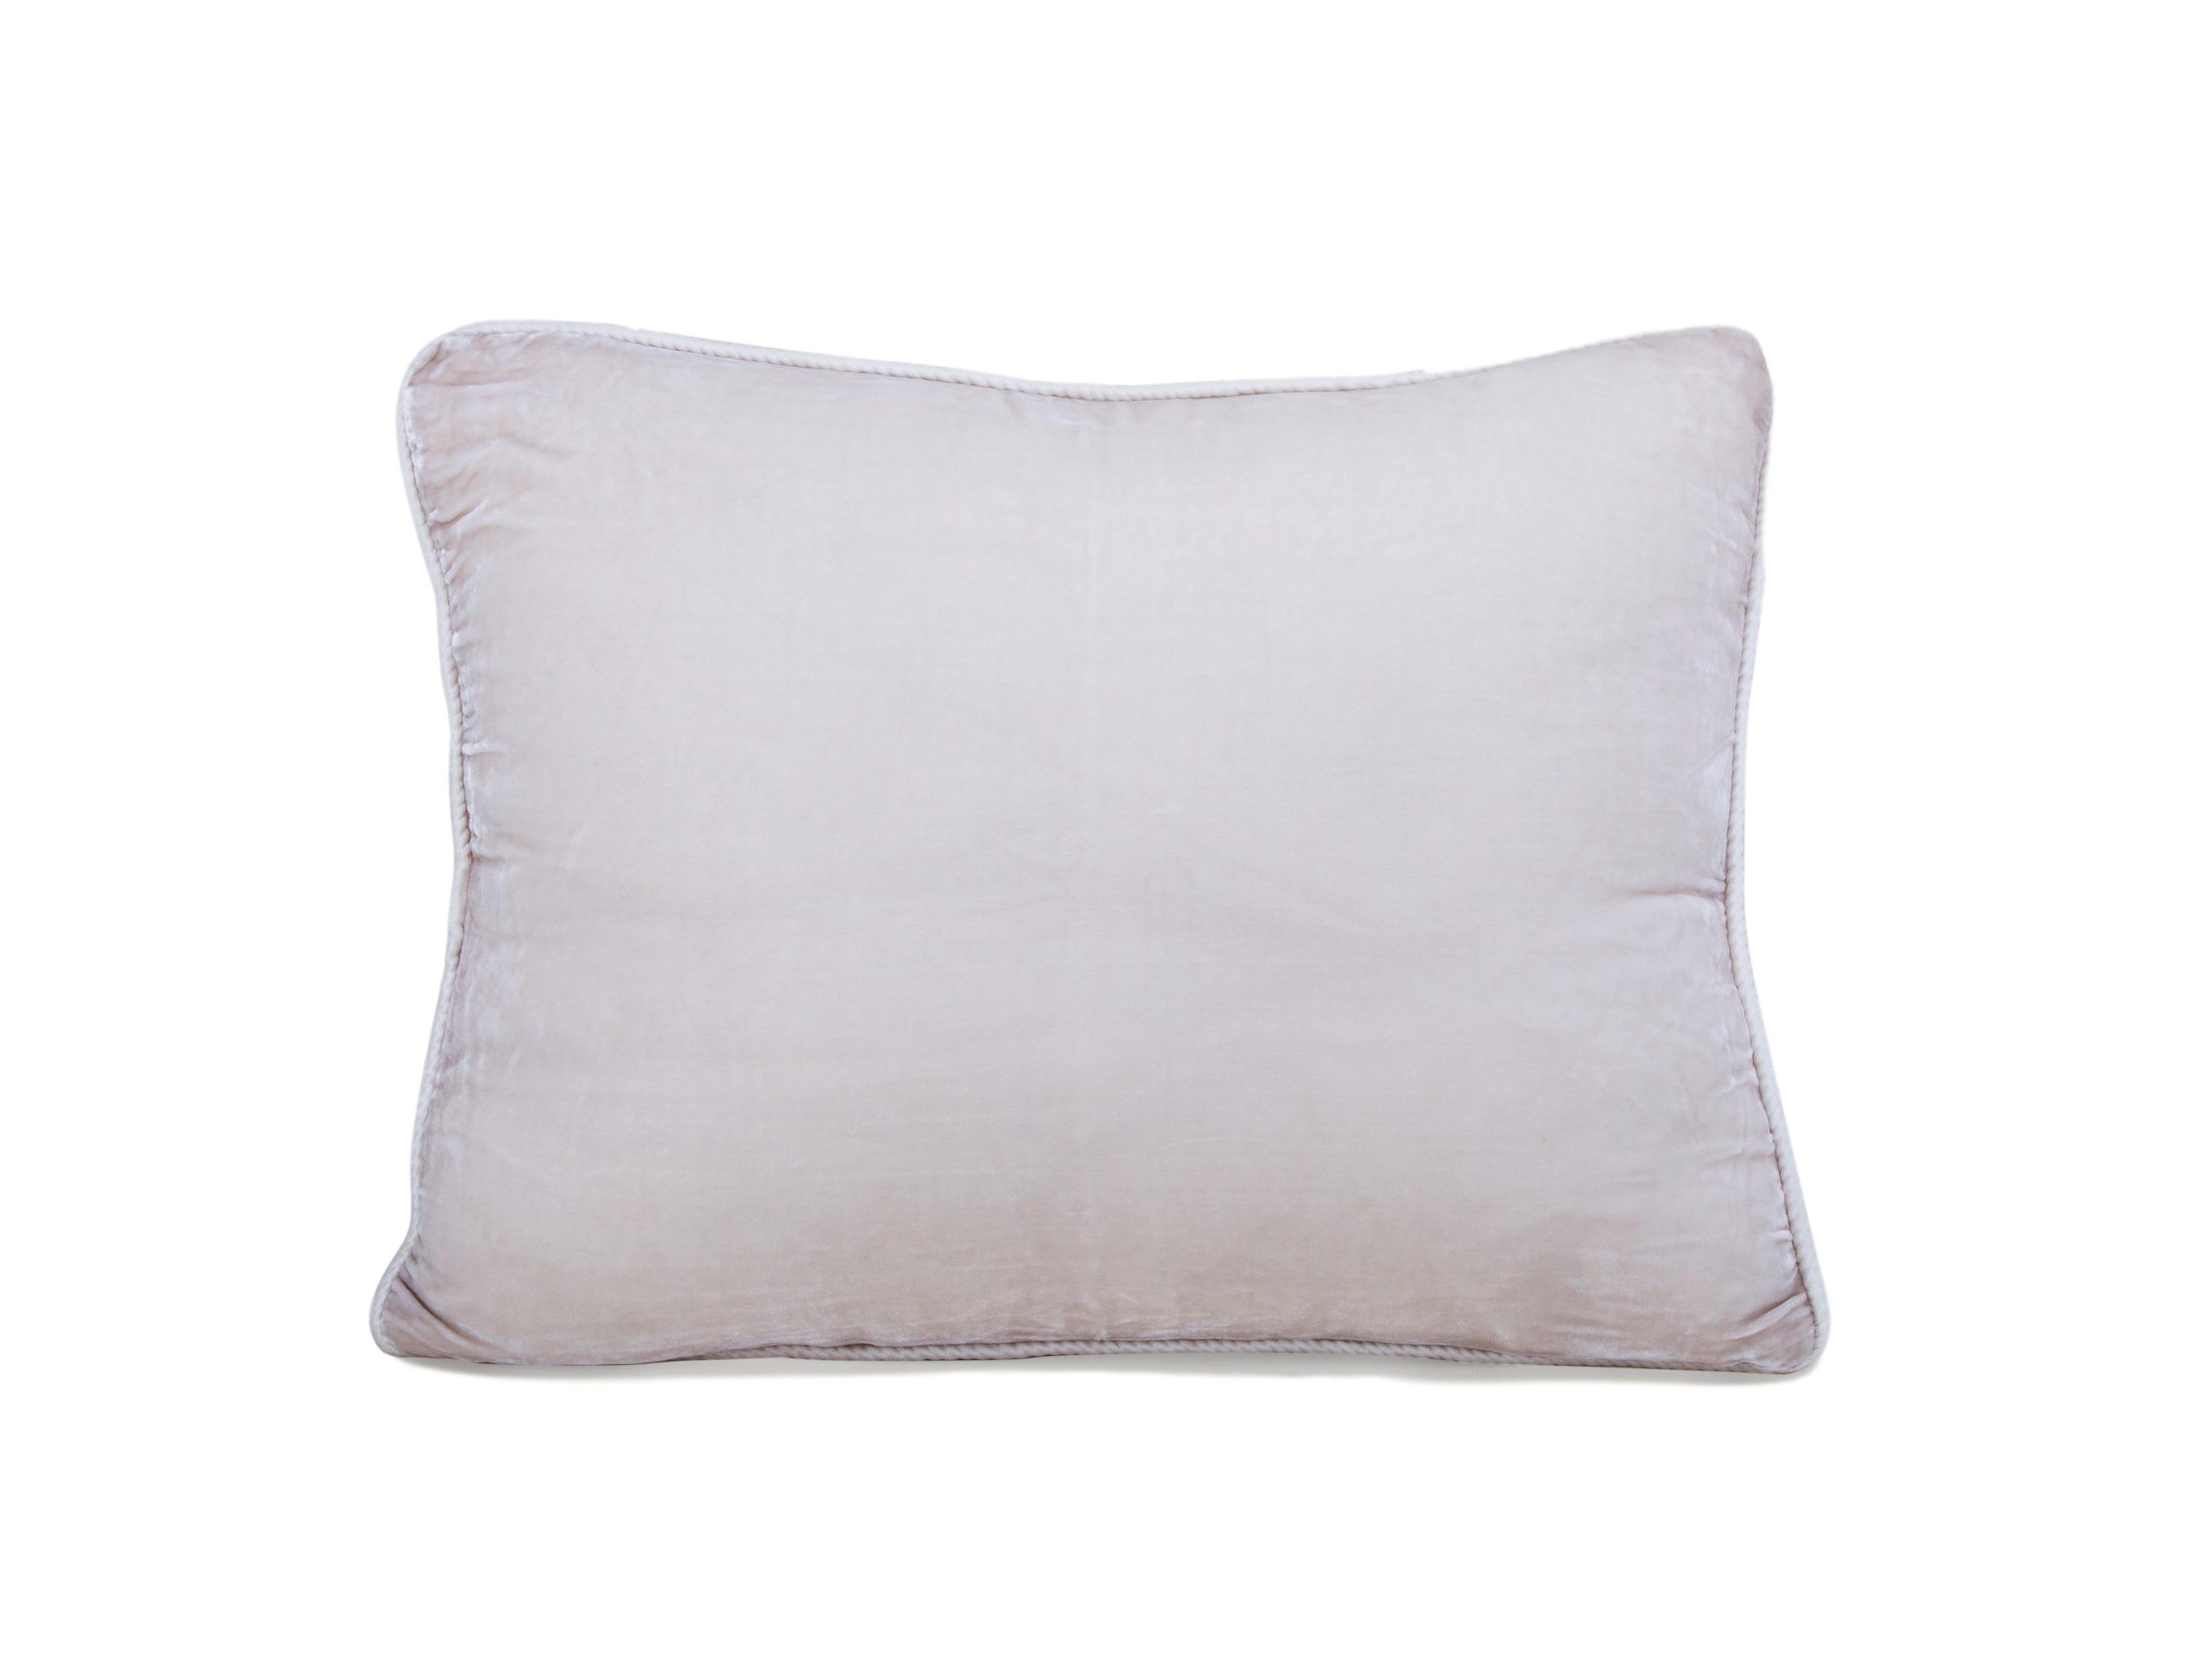 ПодушкаКвадратные подушки и наволочки<br>Чехлы для подушек от датского дизайнера Annette Egholm.<br><br>Material: Текстиль<br>Width см: 40<br>Height см: 40